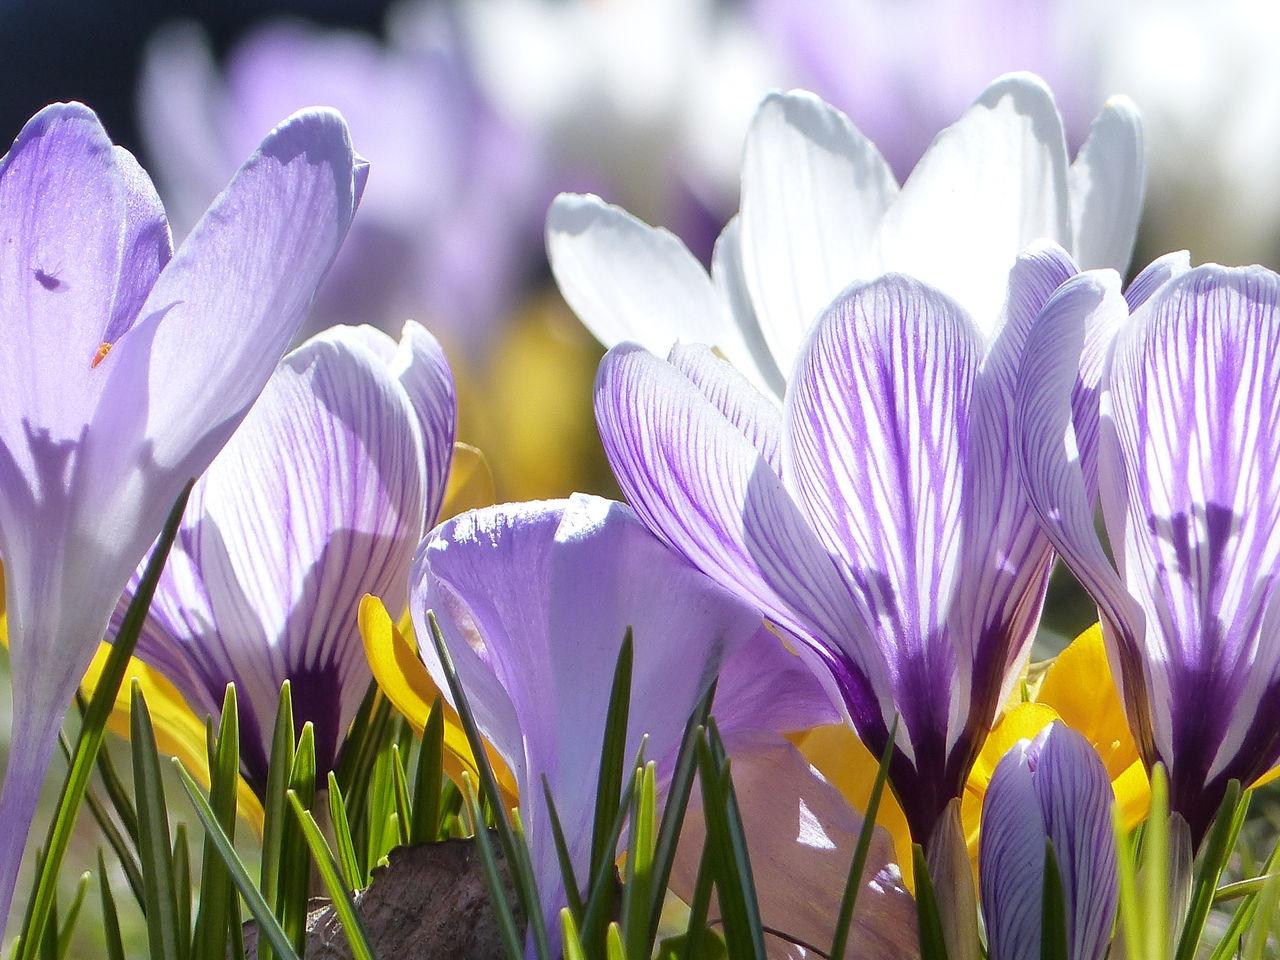 Bild: Krokus, Sonne, Licht, Frühling von geDanke bei KunstNet